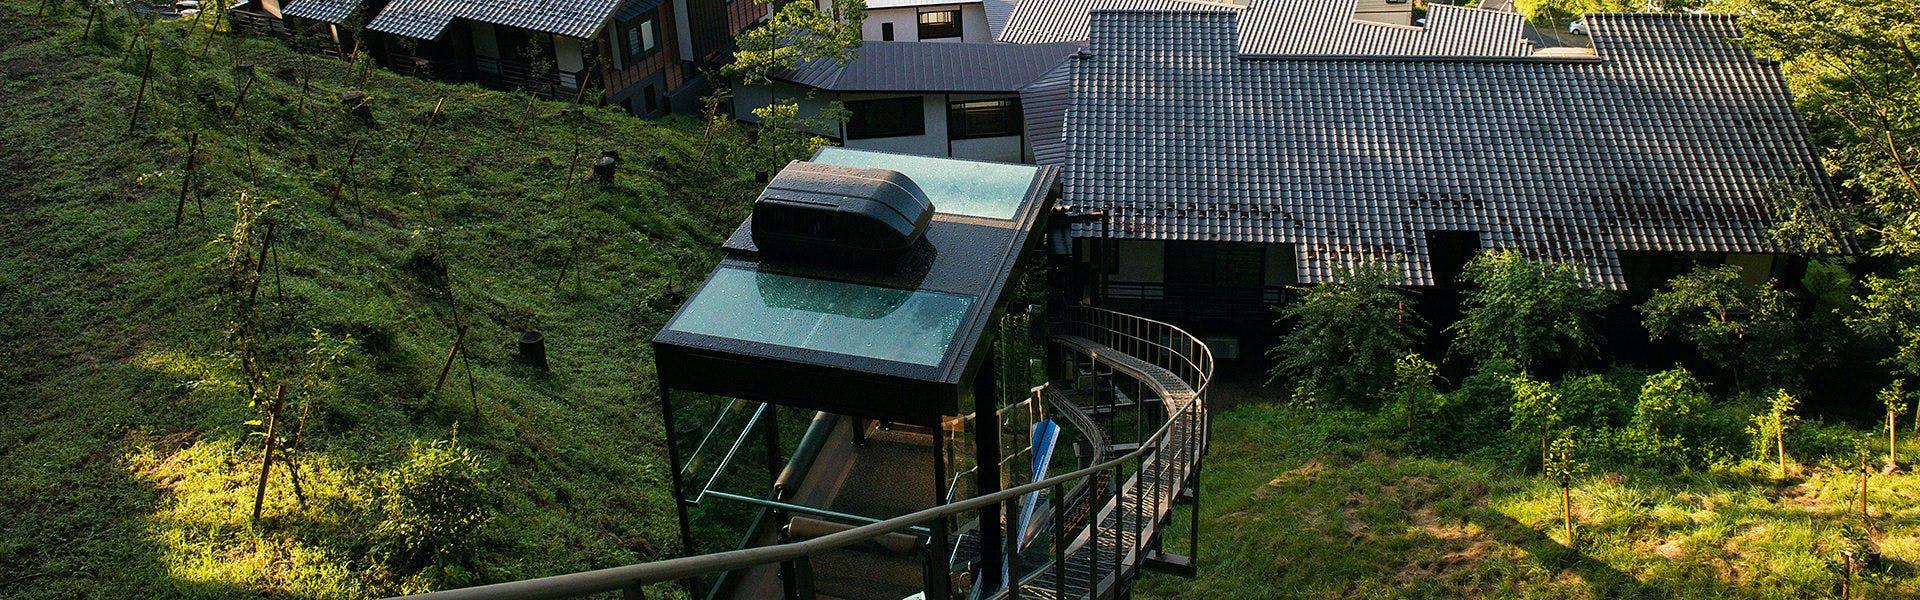 記念日におすすめのホテル・川場温泉 かやぶきの源泉湯宿 悠湯里庵の写真3